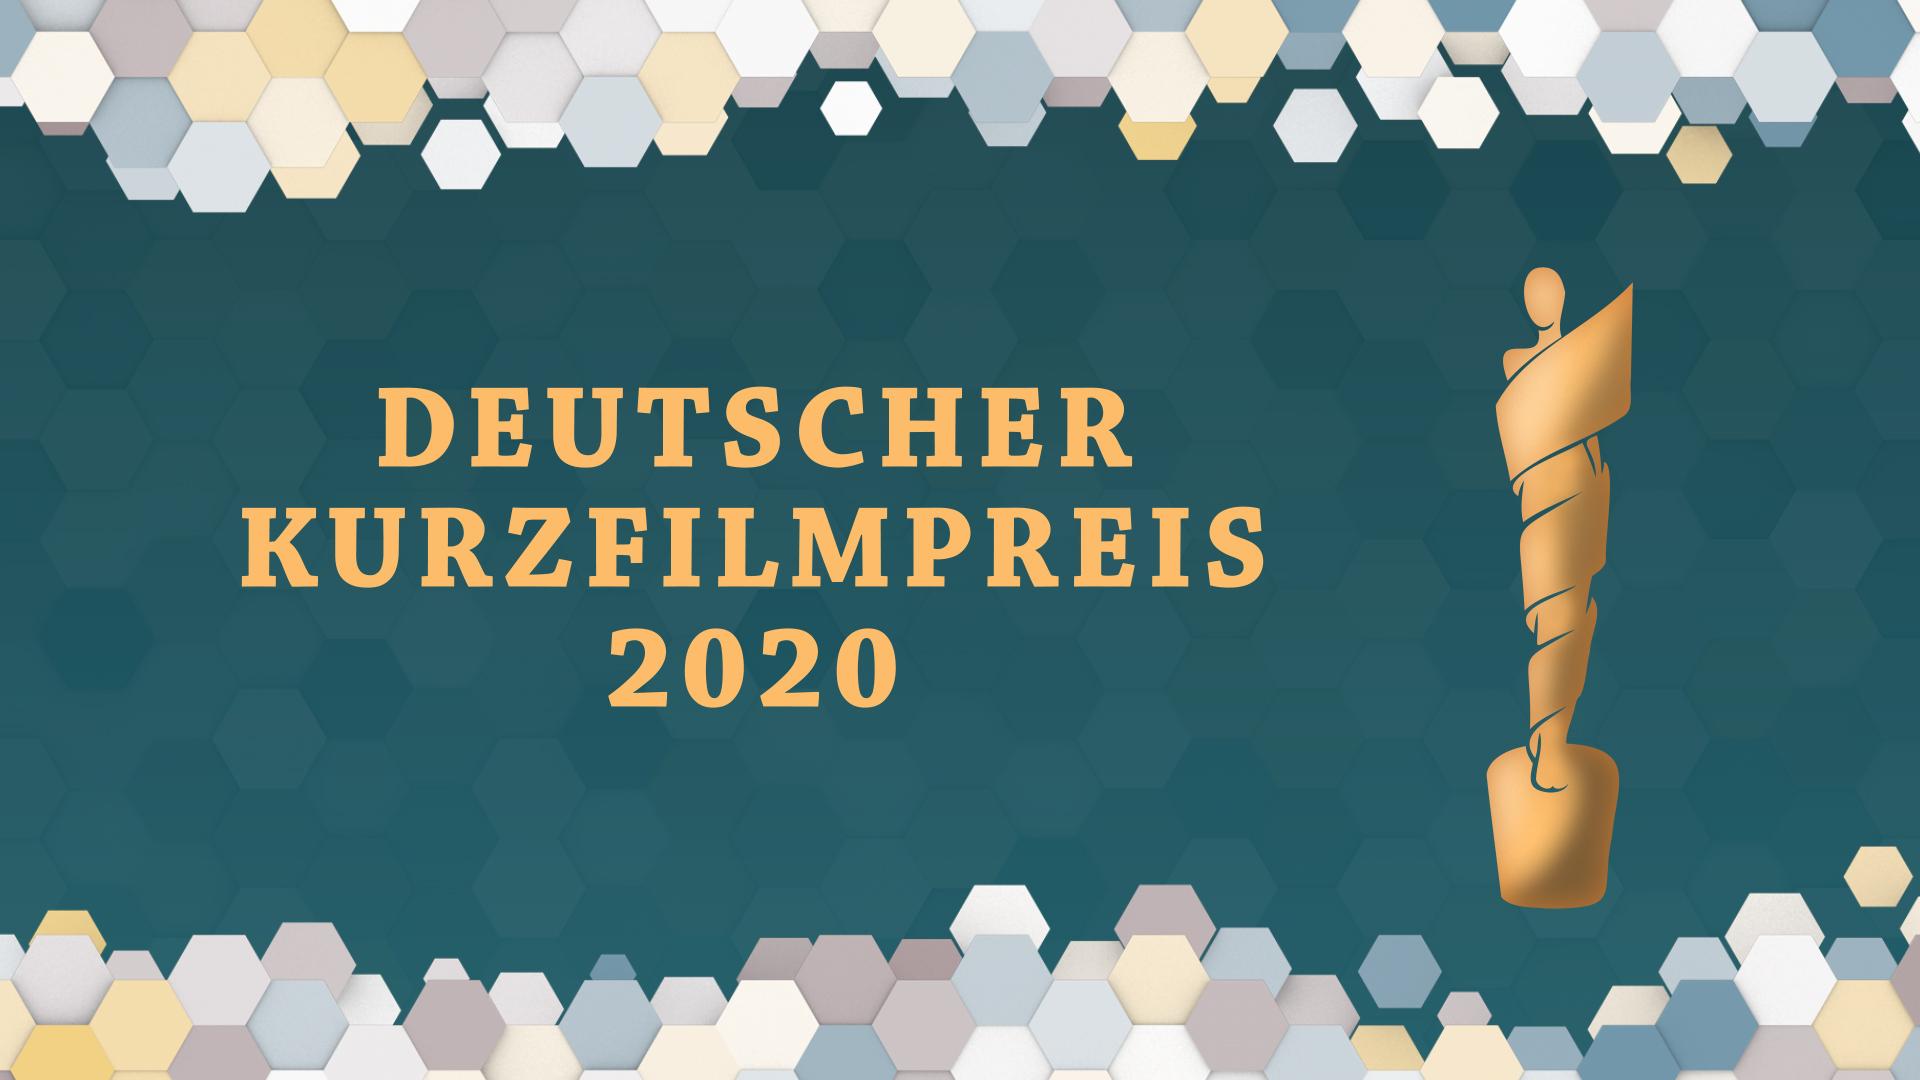 Deutscher Kurzfilmpreis 2020, _WEBSITE_gold, logo